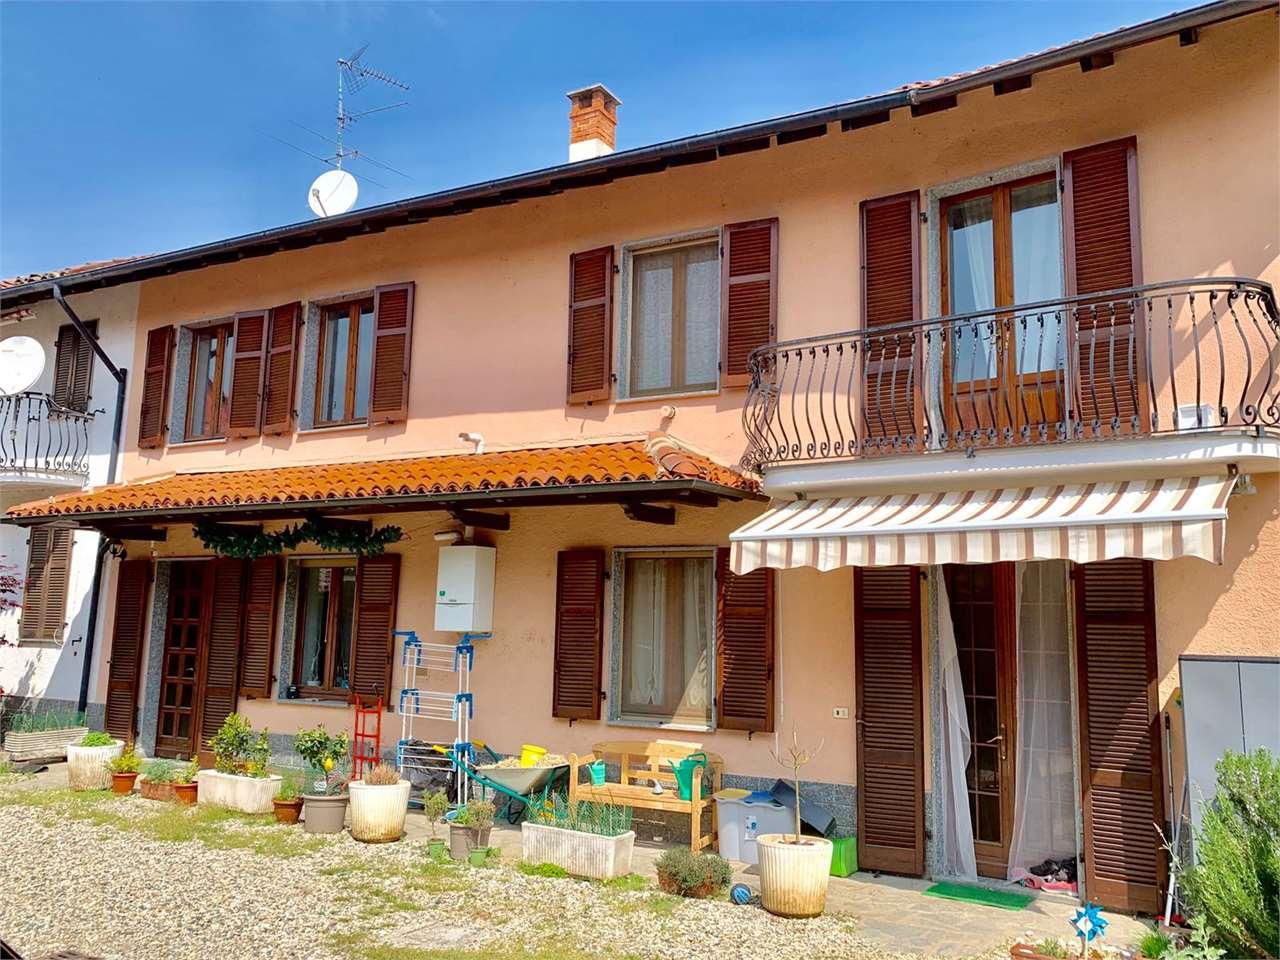 Soluzione Indipendente in vendita a Valle Lomellina, 3 locali, prezzo € 80.000 | CambioCasa.it